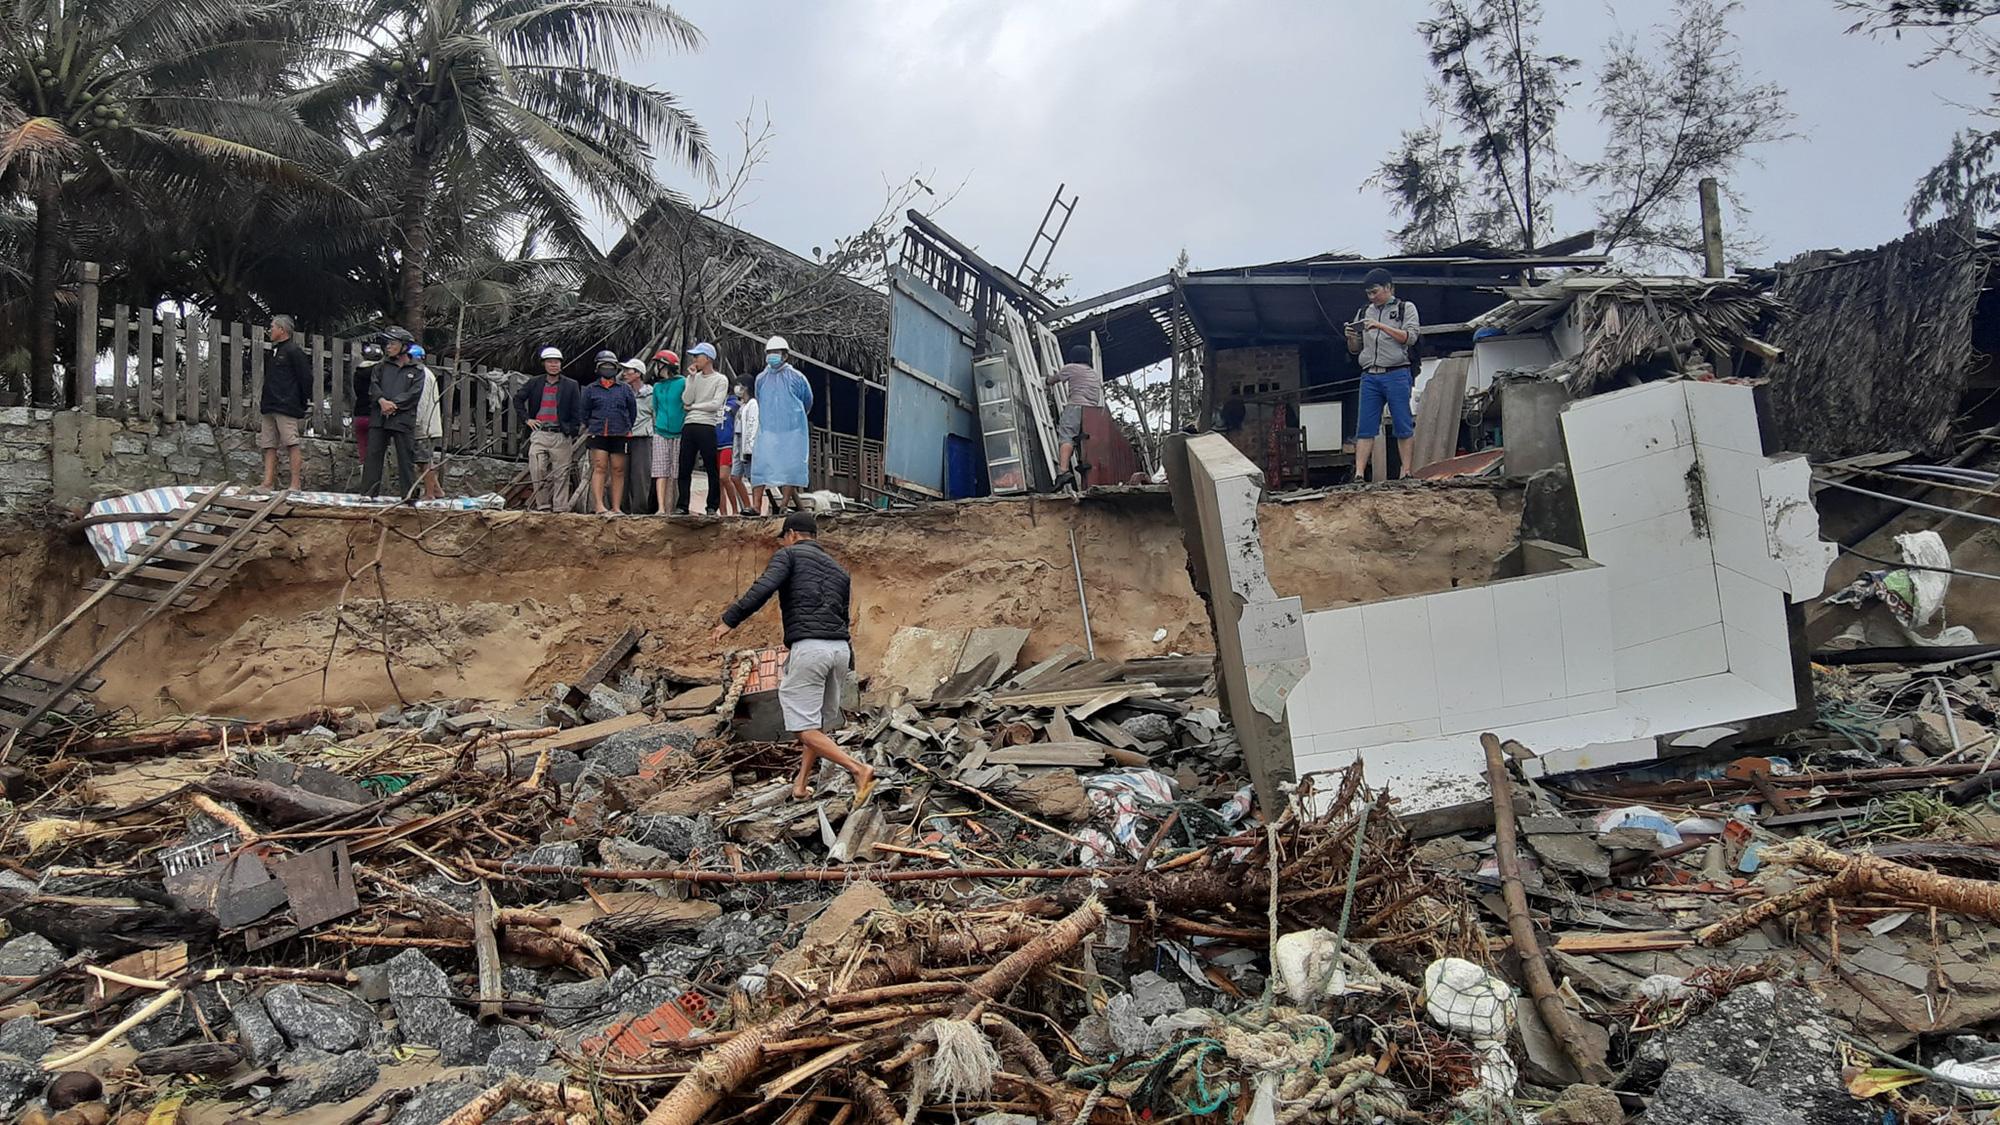 Ảnh hưởng bão số 13: Hàng chục nhà hàng ven biển An Bàng, Hội An bị đánh sập  - Ảnh 1.